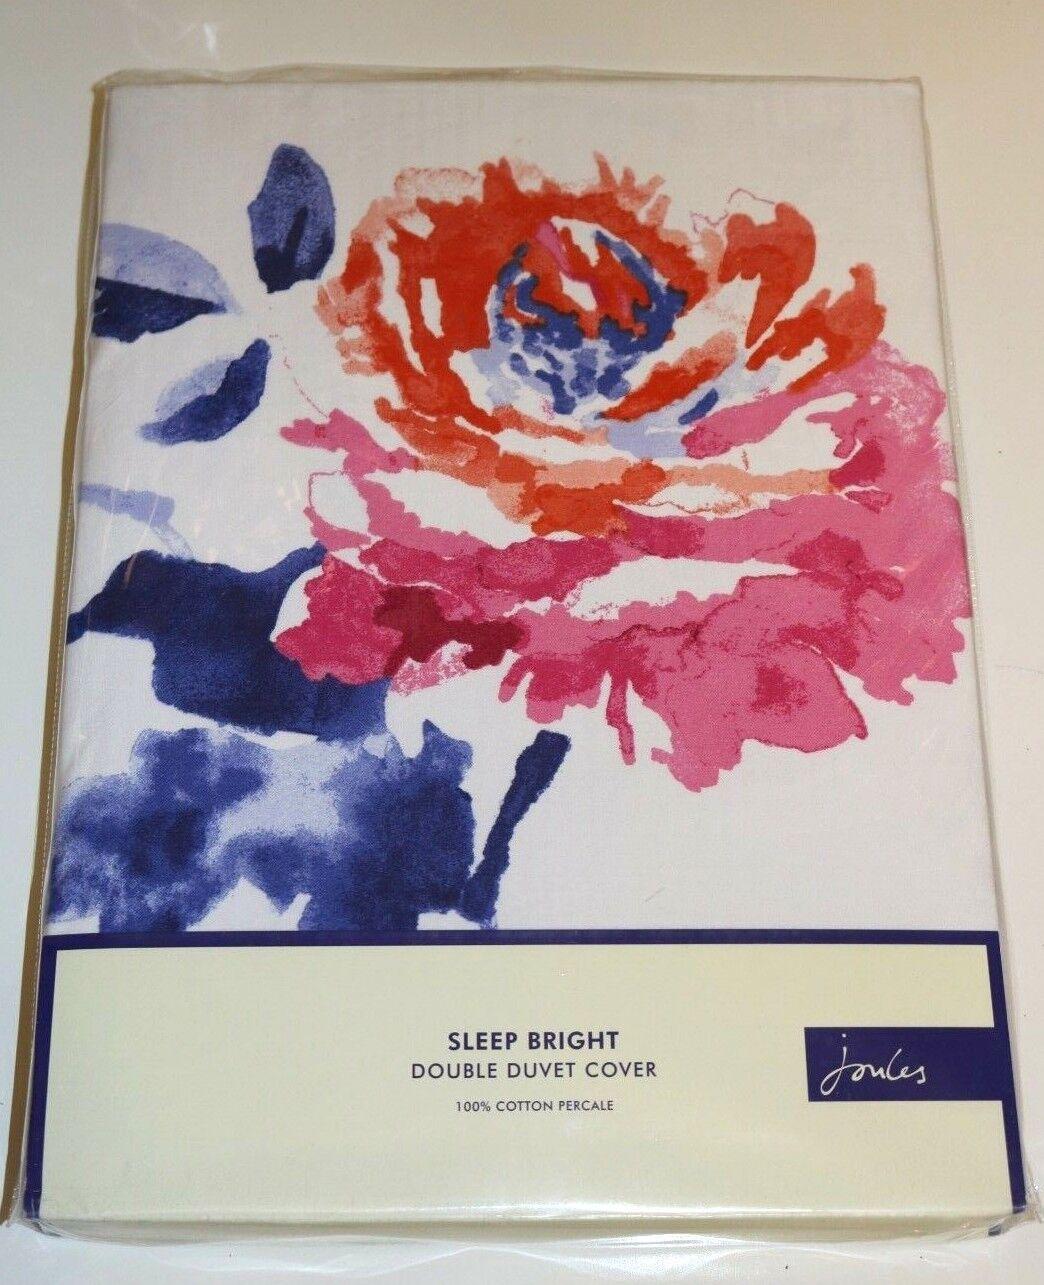 JOULES - SALCOMBE FLORAL BEDDING - DEEP Blau - DUVET COVER - DOUBLE Größe